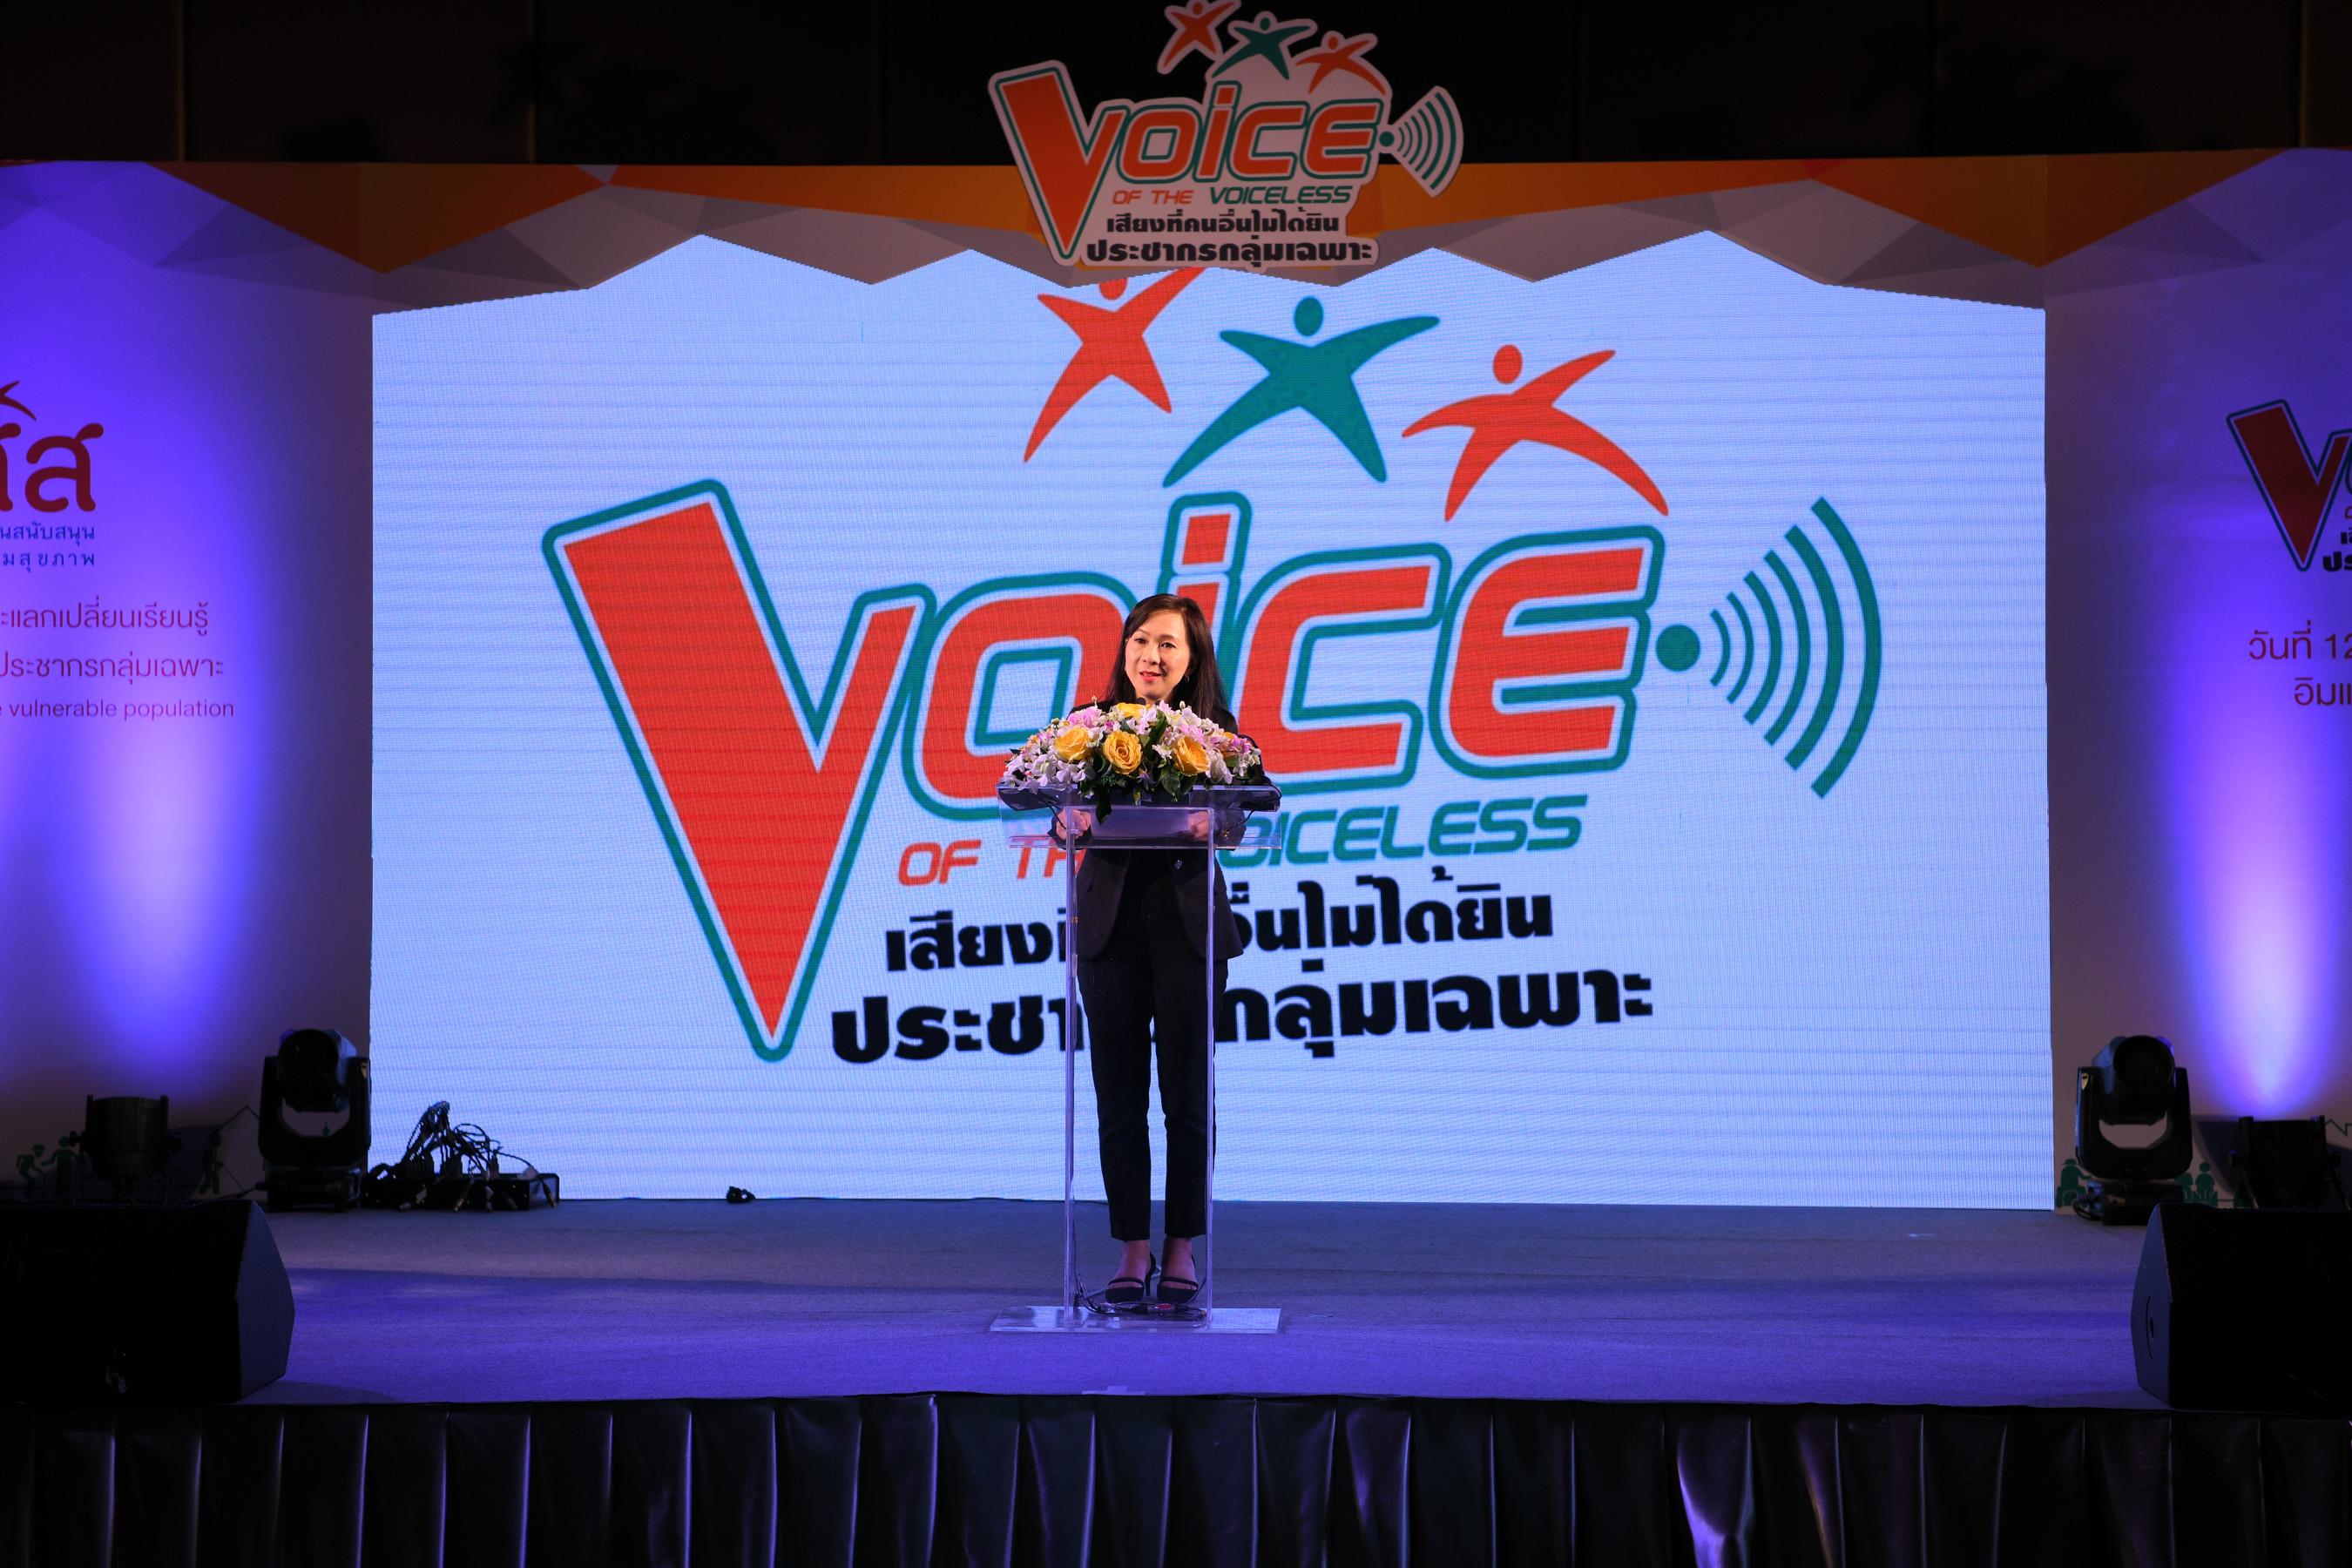 เสียงที่คนอื่นไม่ได้ยินเสียงสะท้อนความเหลื่อมล้ำในสังคมไทย thaihealth